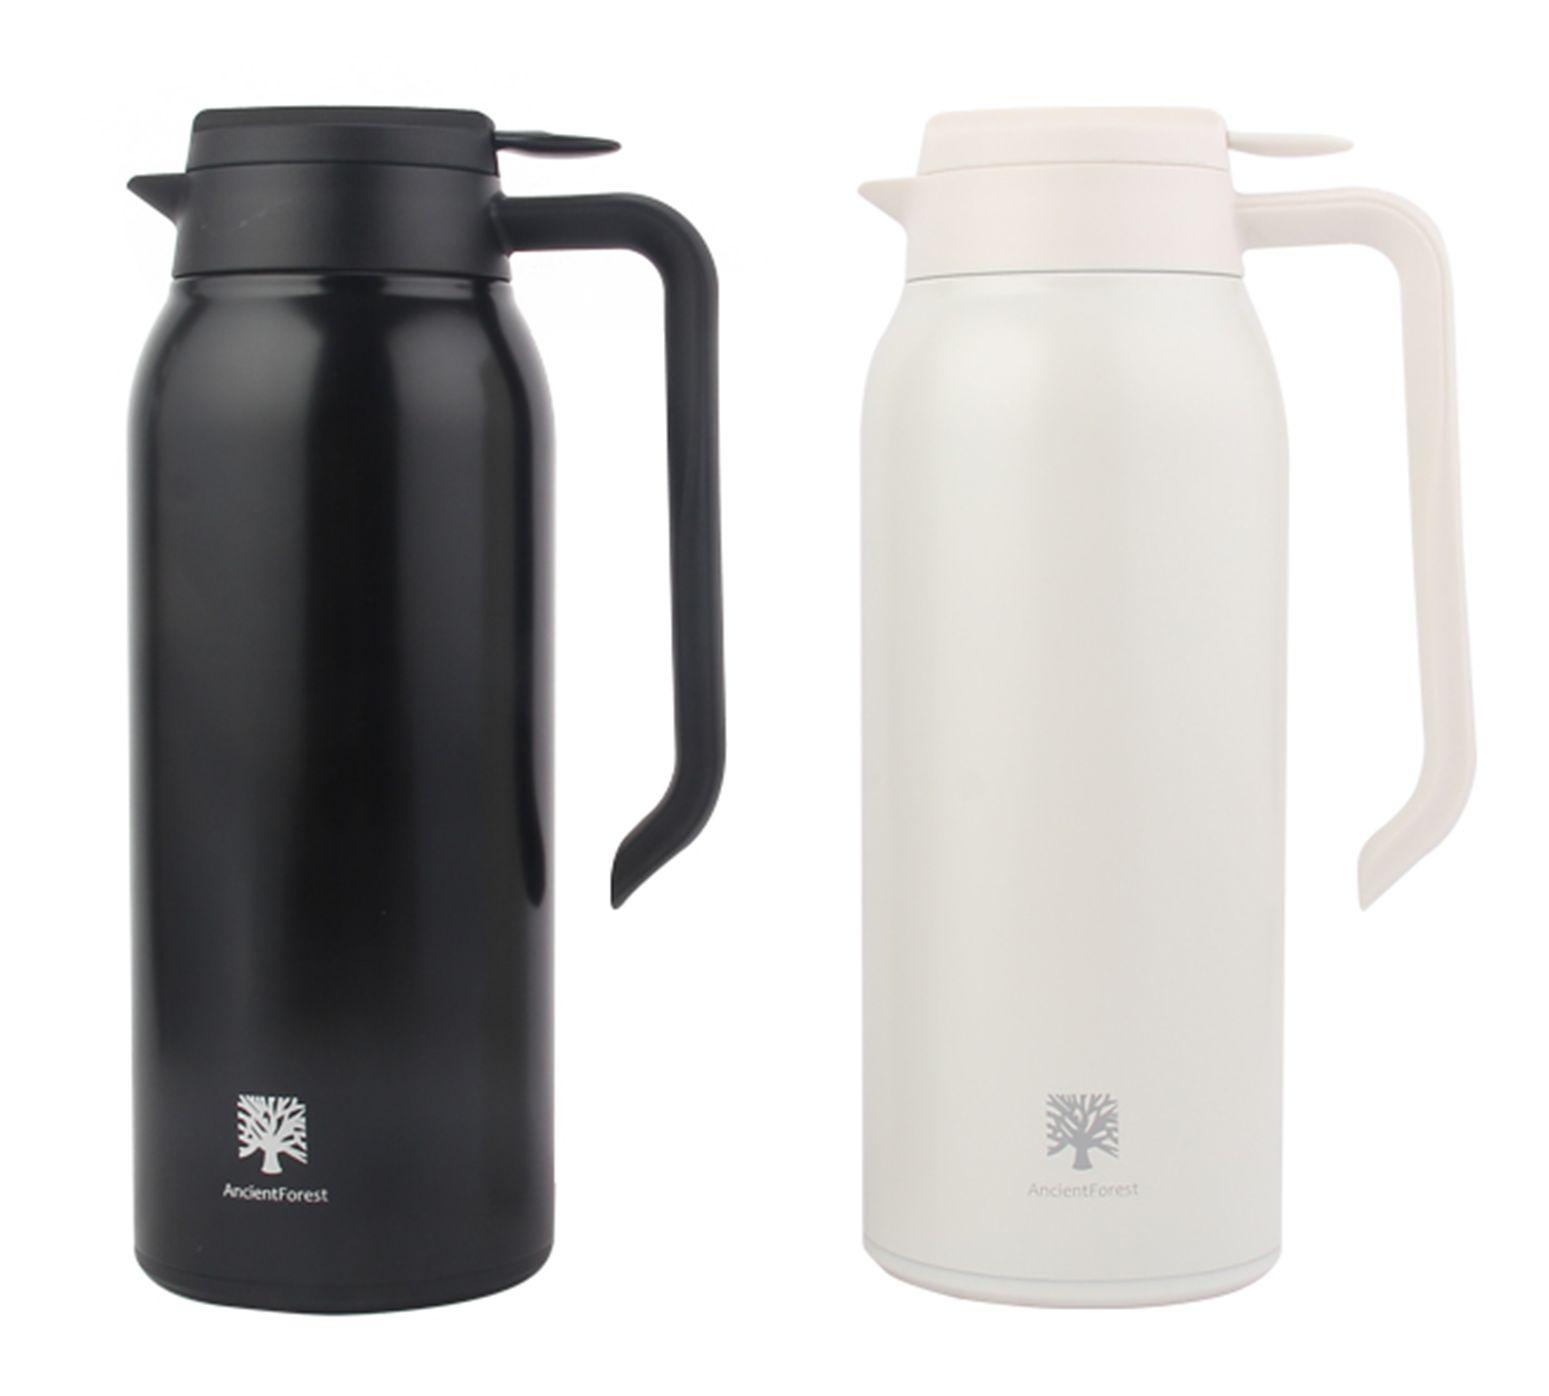 义乌好货 时尚家用茶壶1.5L/YK